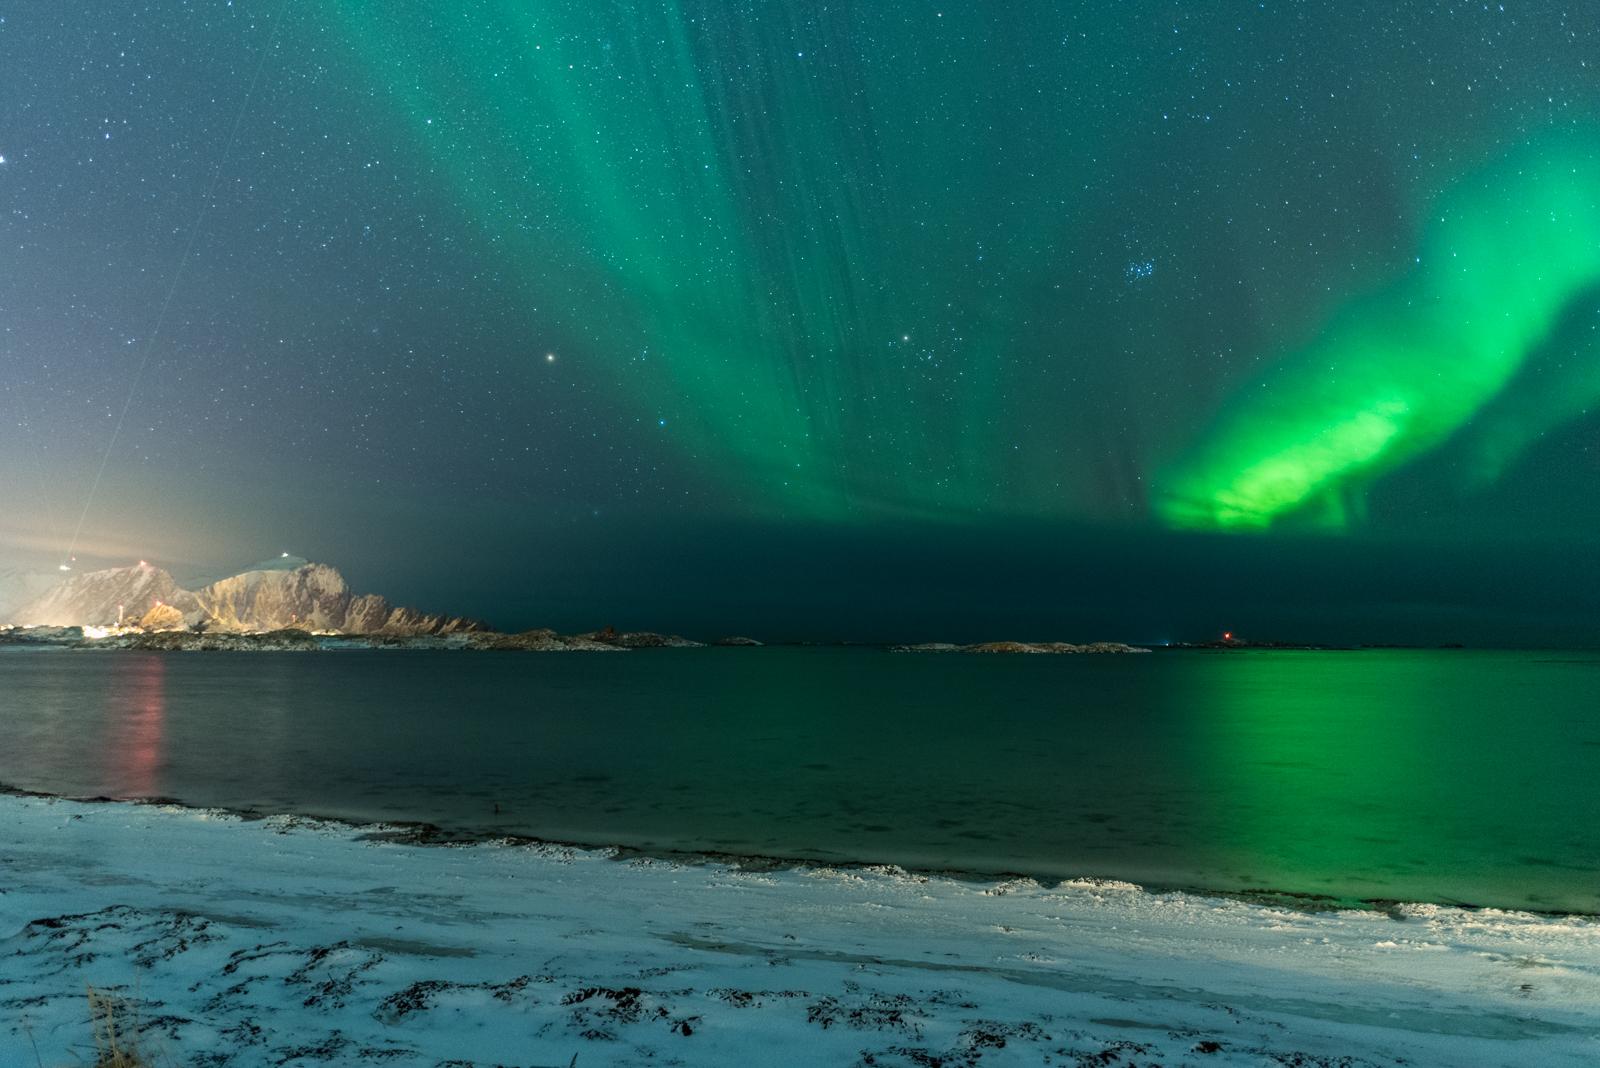 Spiaggia di Andenes con aurora boreale